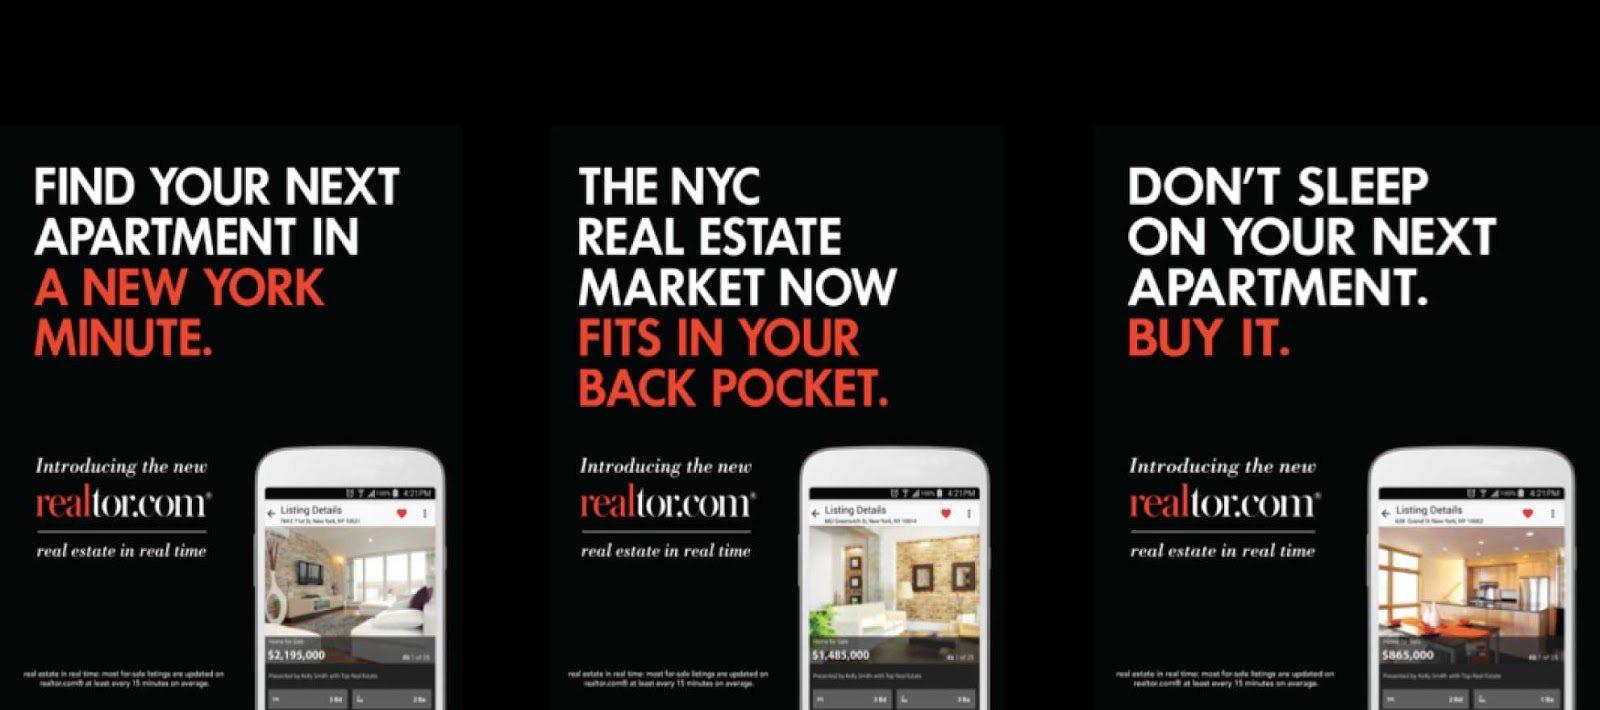 Realtor.com New York City Campaign - real estate ads